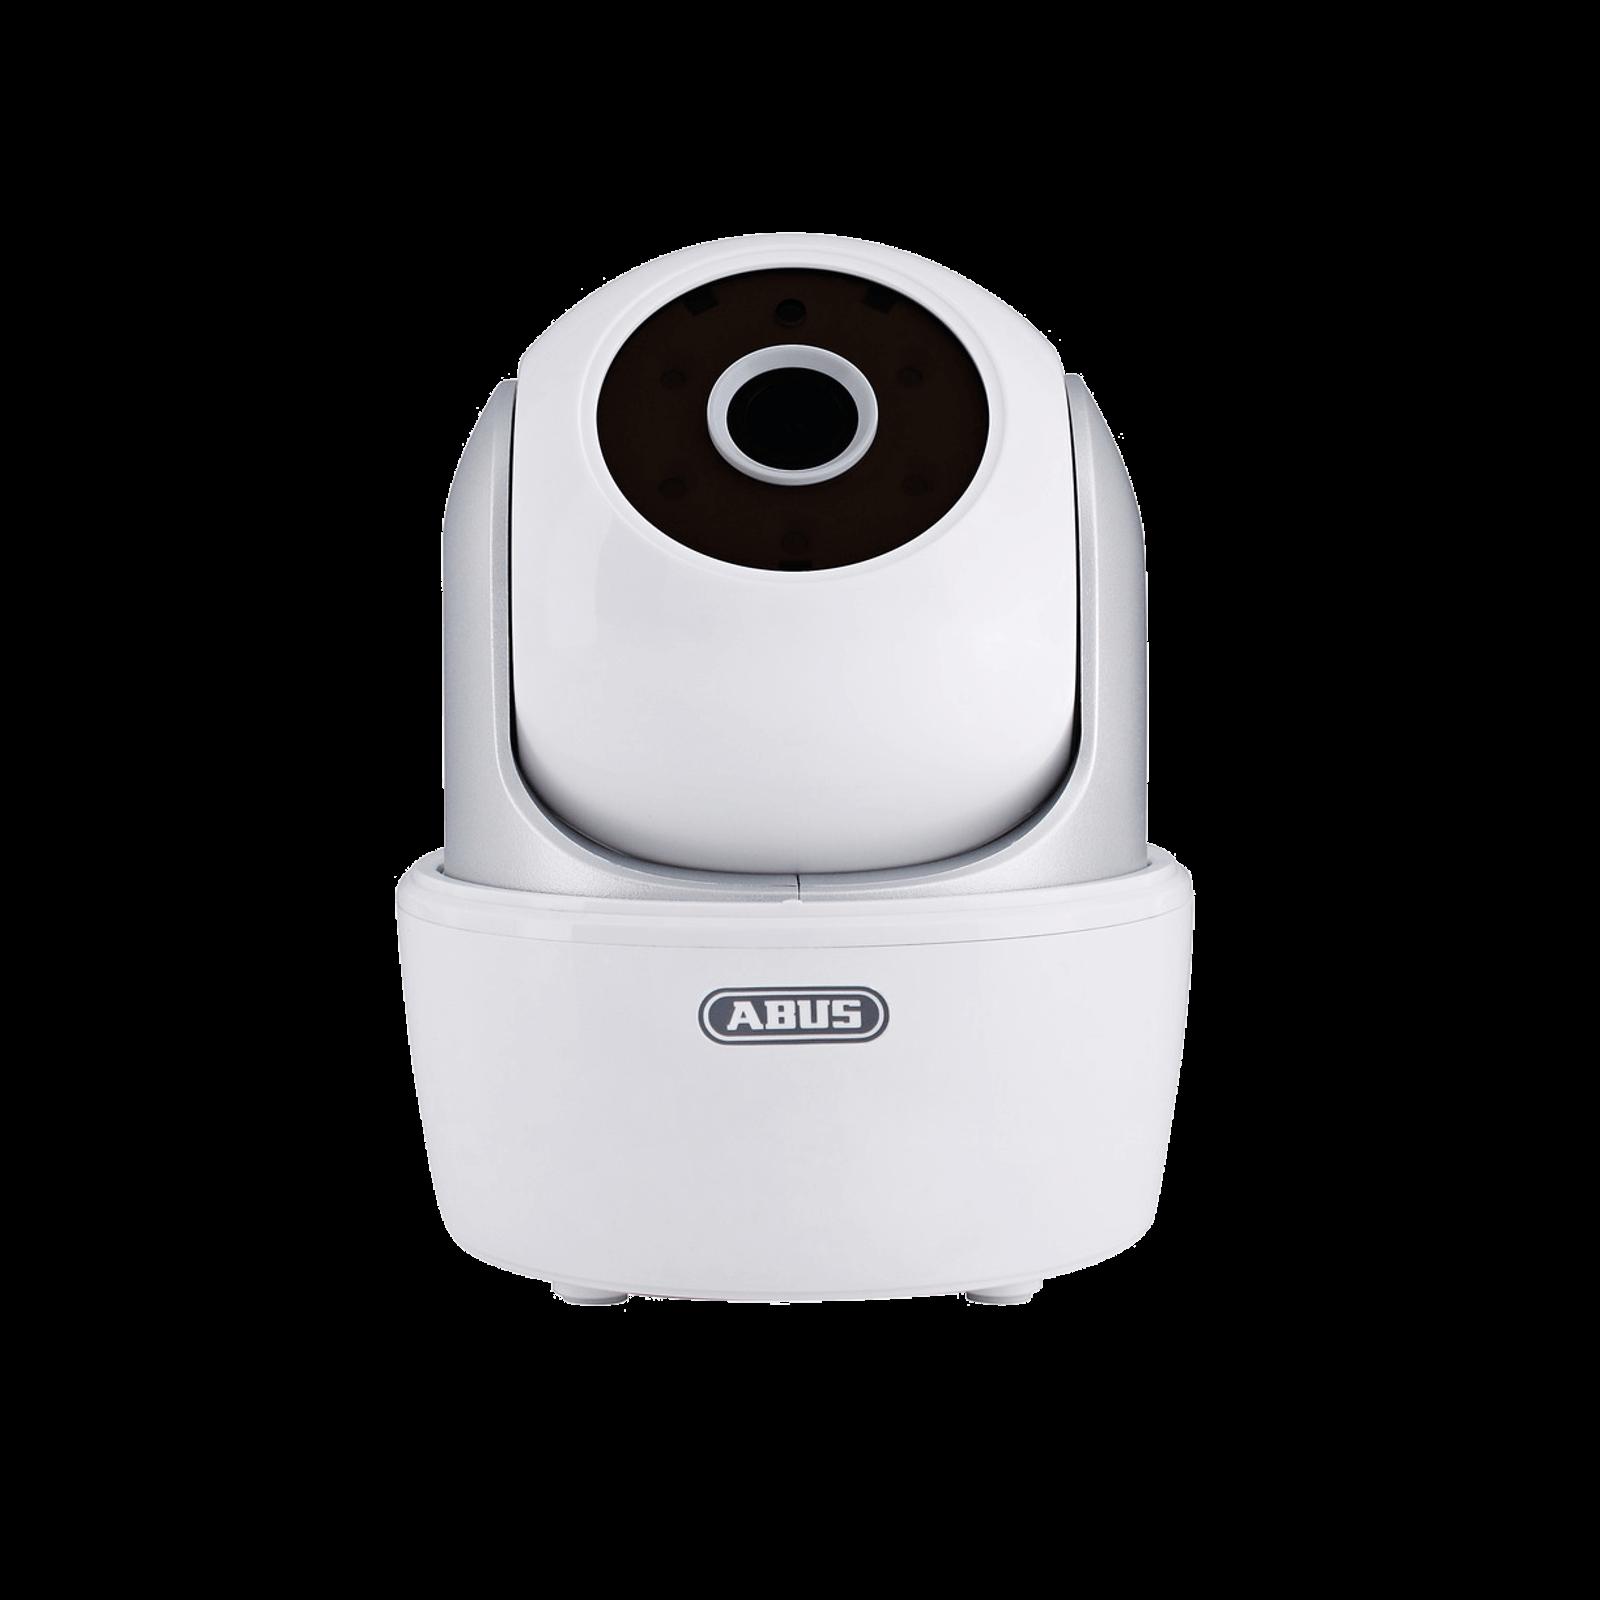 ABUS WLAN Schwenk-/Neige-Kamera & App